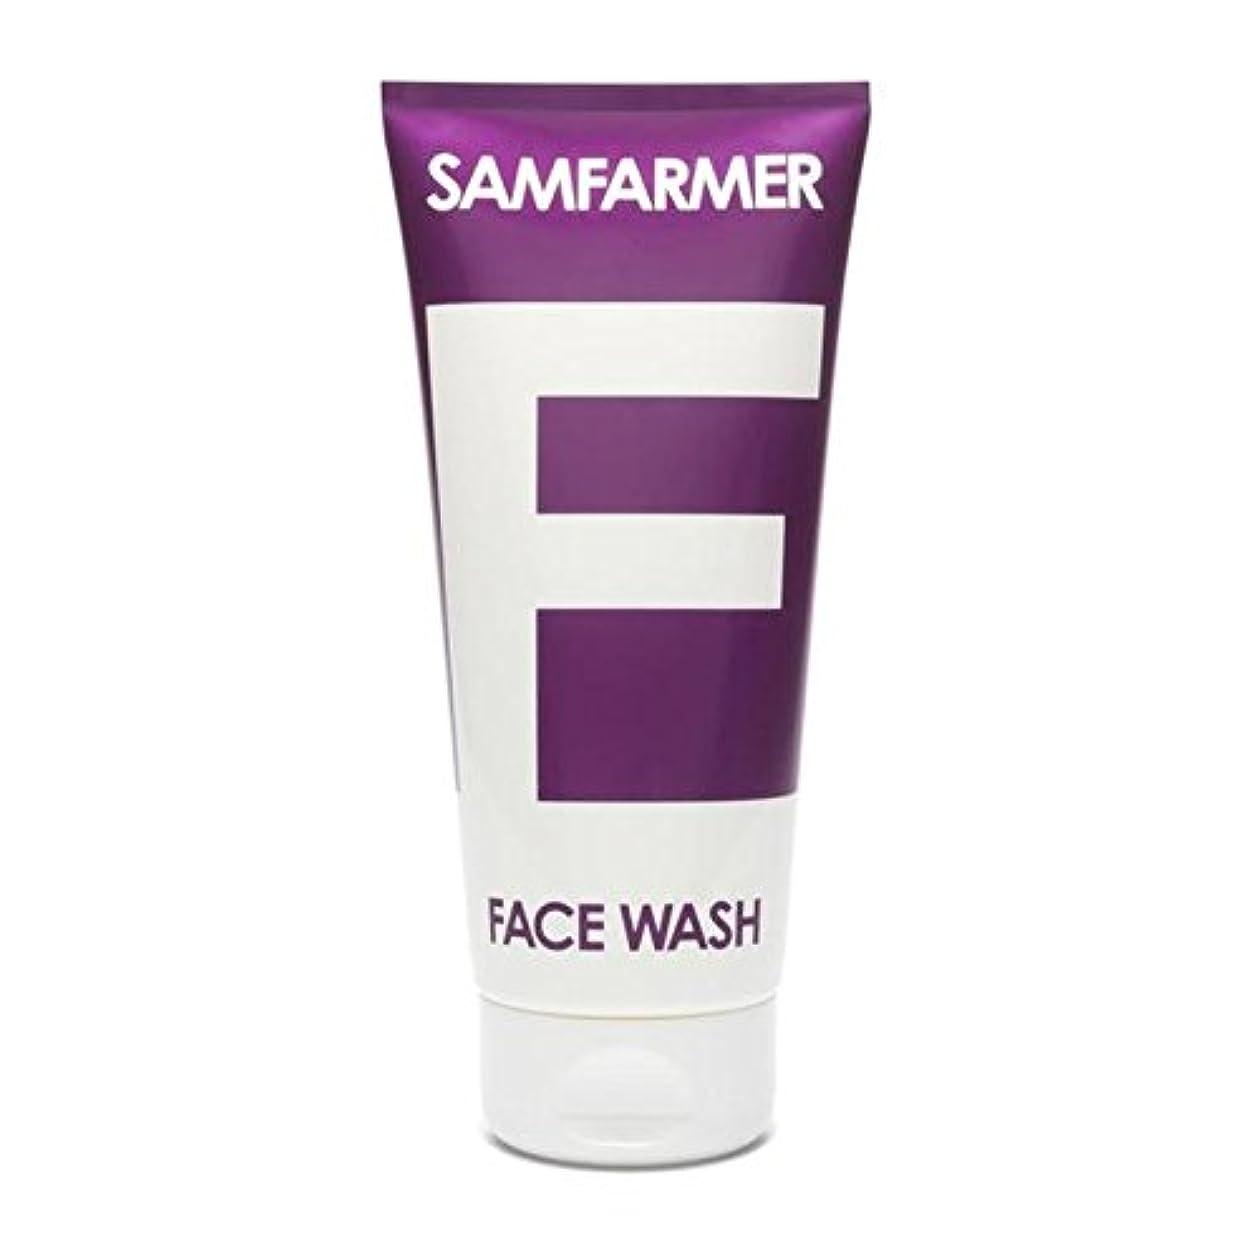 情緒的先住民圧倒するSAMFARMER Unisex Face Wash 200ml (Pack of 6) - ユニセックスフェイスウォッシュ200ミリリットル x6 [並行輸入品]